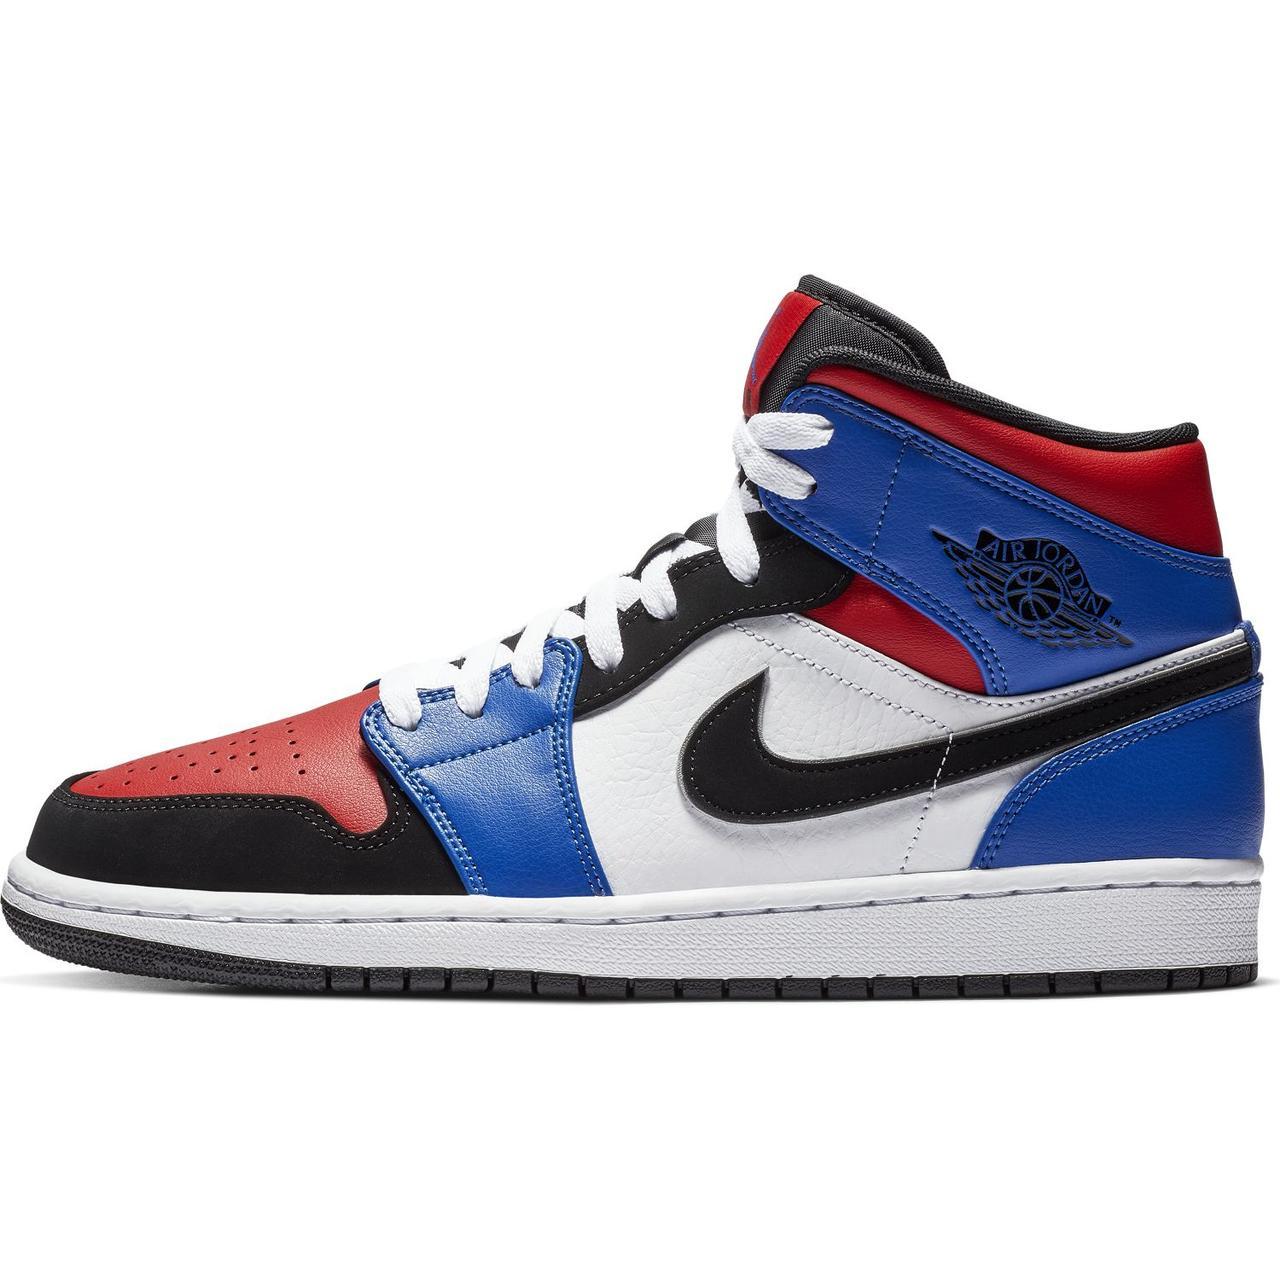 Оригинальные кроссовки Air Jordan 1 Mid - Sport-Sneakers - Оригинальные  кроссовки - Sneakerhead UA 1cef34403e7